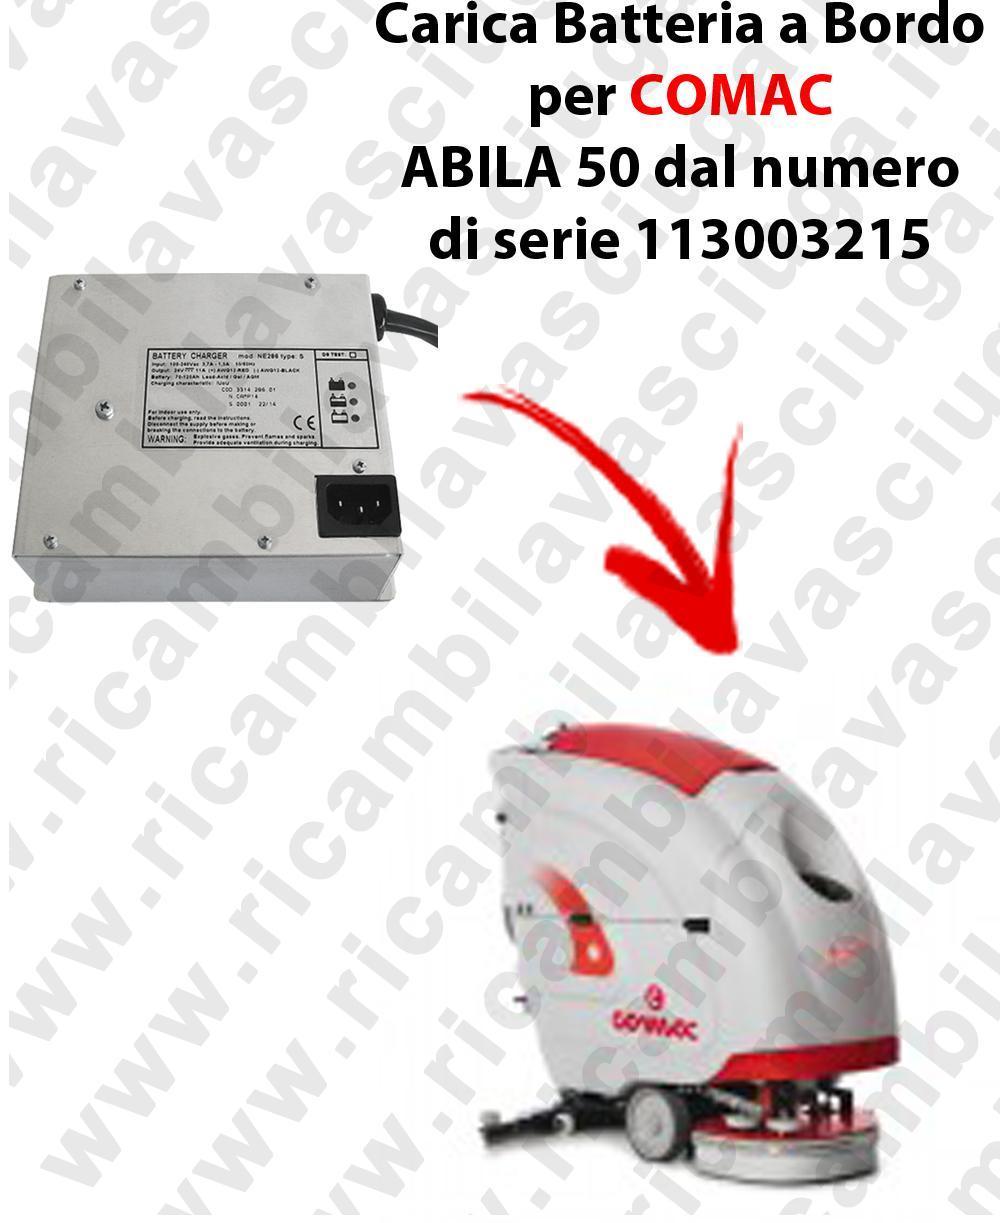 ABILA 50 von der Seriennummer 113003215 Batterieladegerät auf bord für scheuersaugmaschinen COMAC